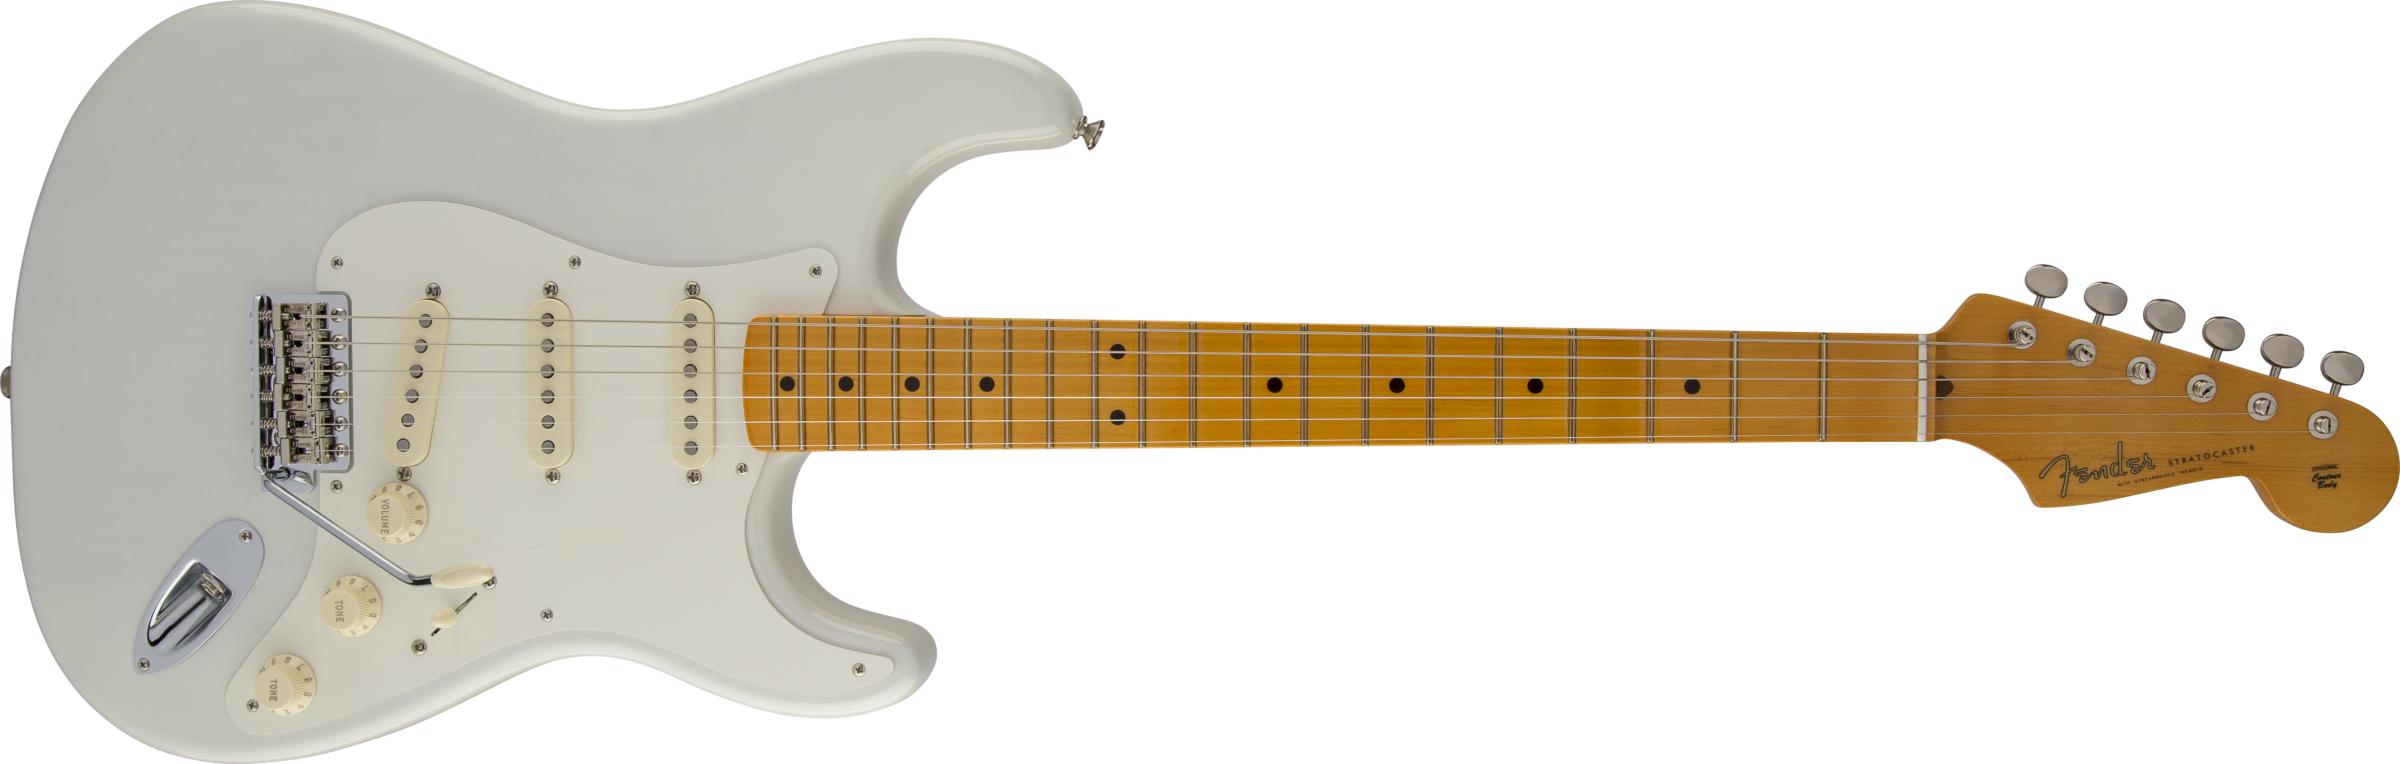 FENDER-Eric-Johnson-Stratocaster-Maple-Fingerboard-White-Blonde-sku-550000112